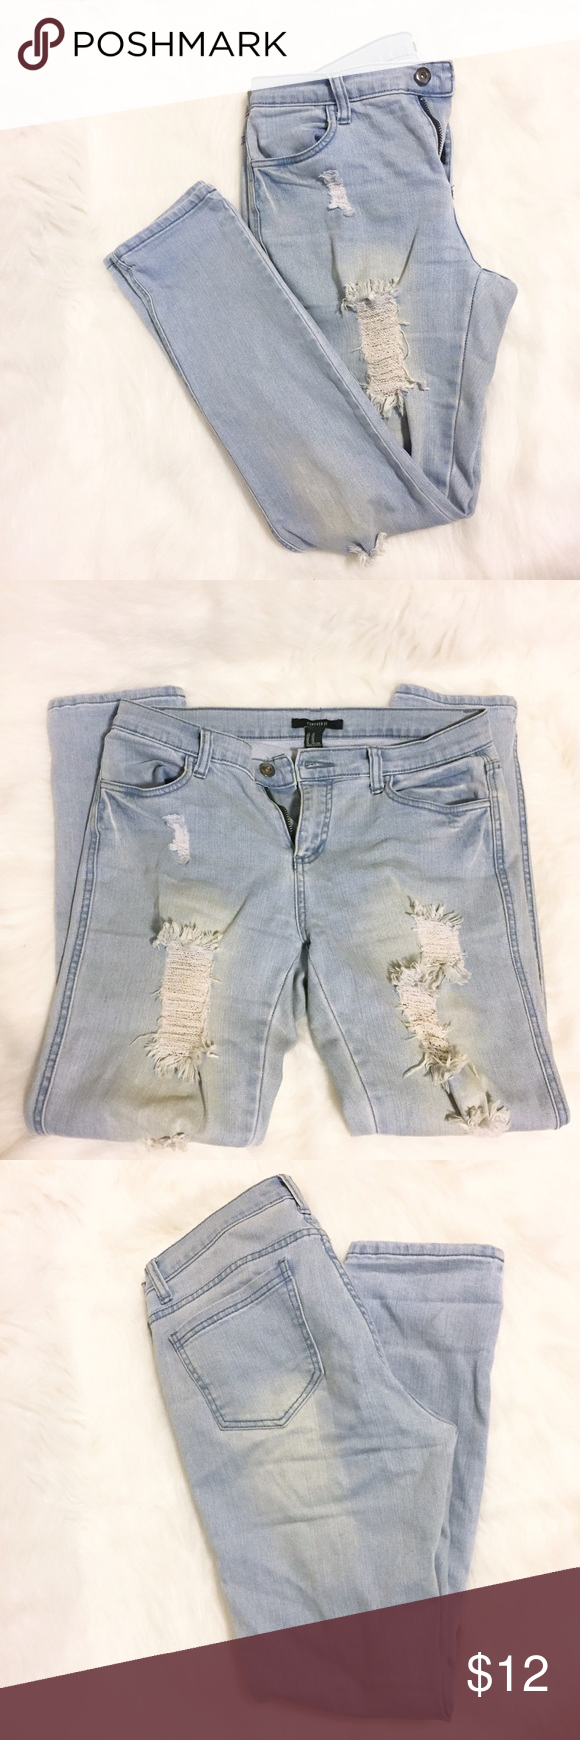 Forever 21 Straight Leg Distressed Denim Forever 21 distressed straight leg jeans in a size 29. Worn a few times. Forever 21 Jeans Straight Leg